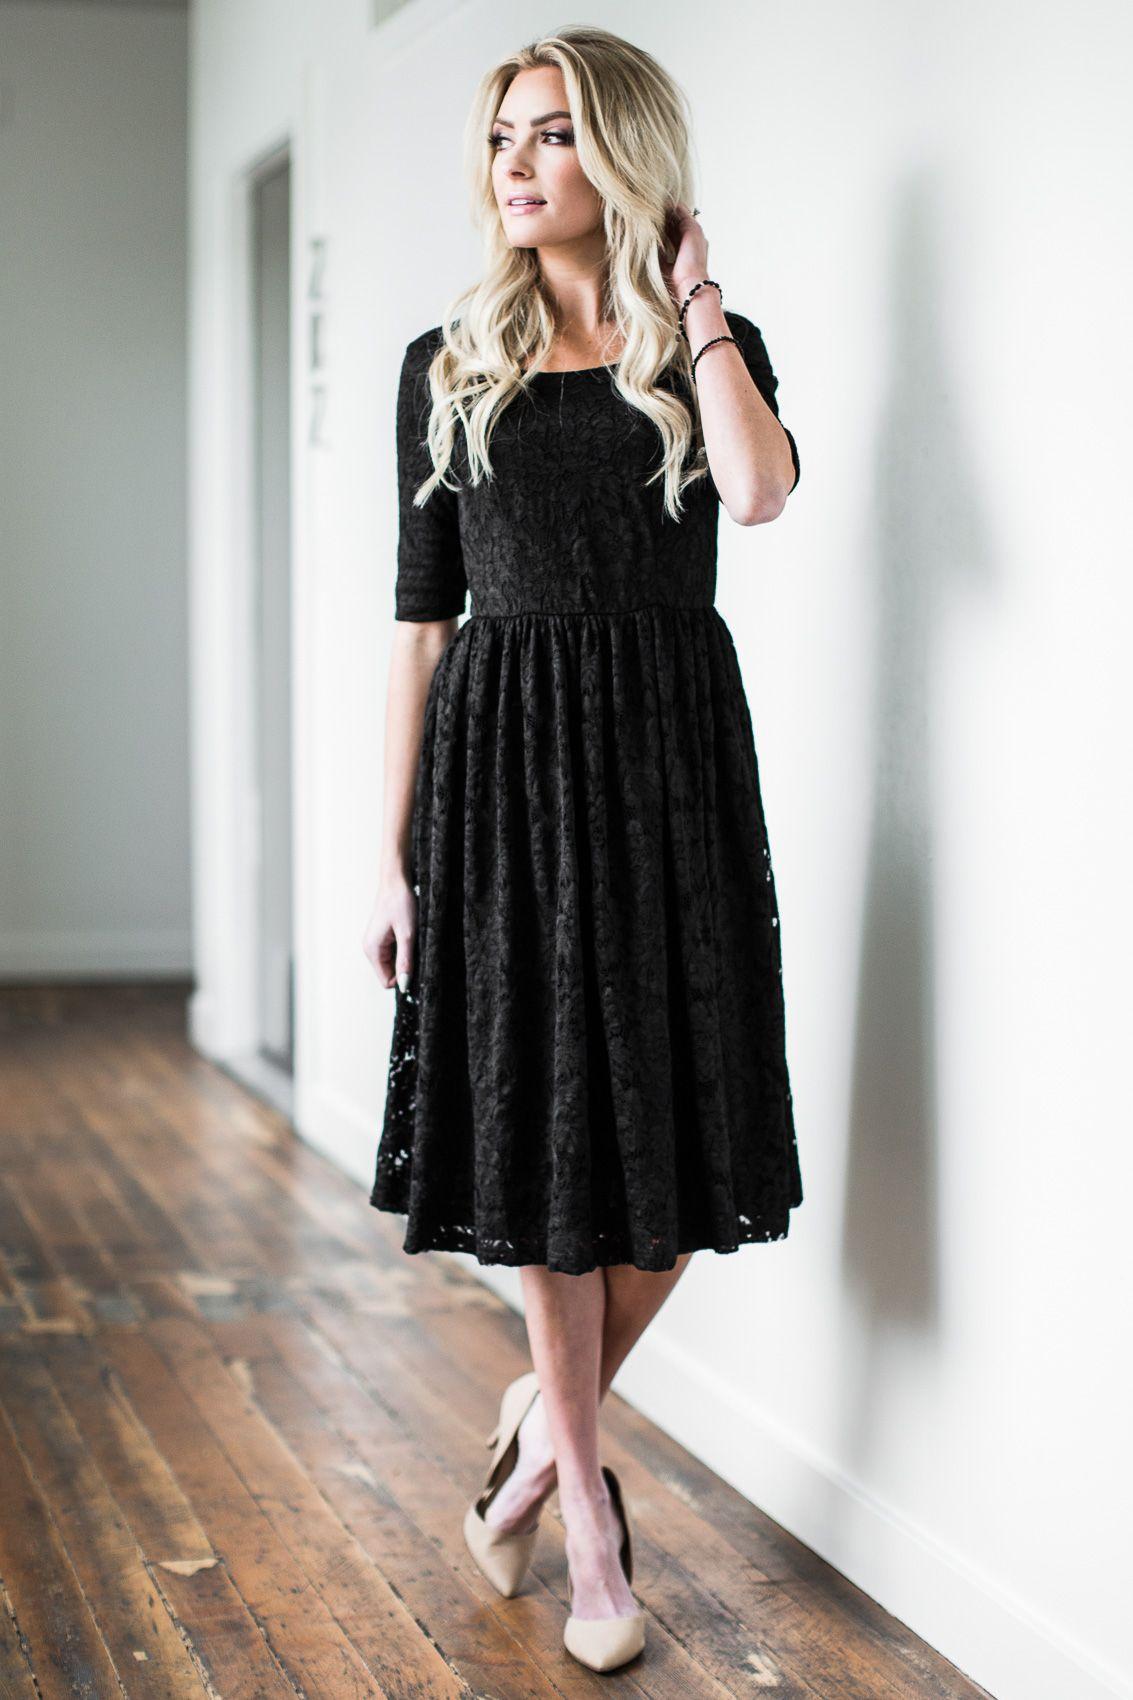 13+ Black modest dress ideas in 2021